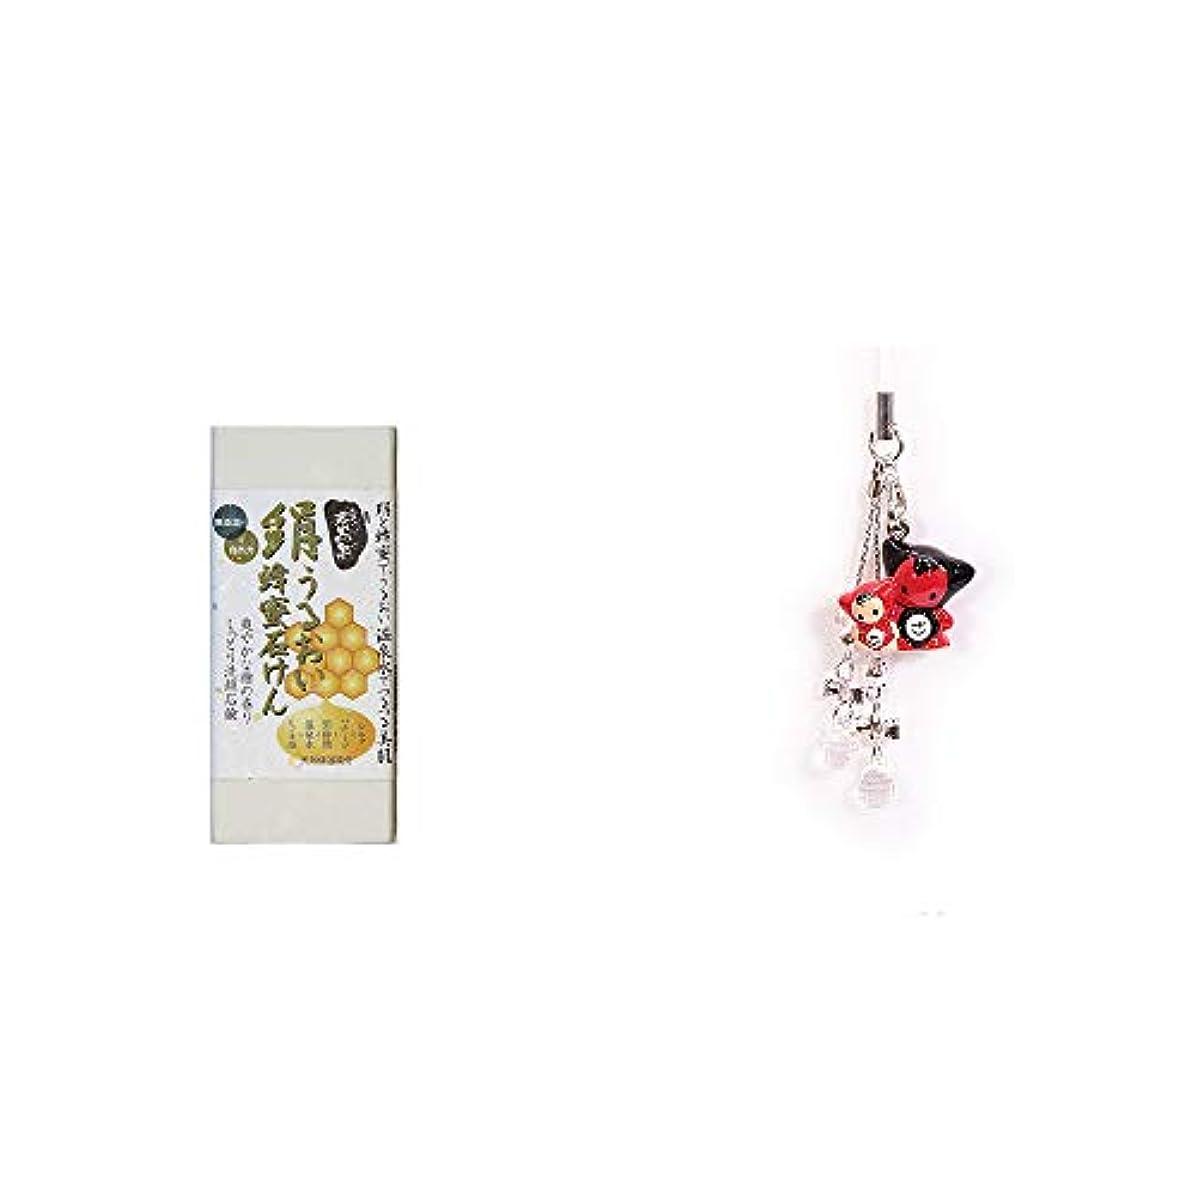 反発するダーリンディンカルビル[2点セット] ひのき炭黒泉 絹うるおい蜂蜜石けん(75g×2)?さるぼぼペアビーズストラップ 【クリア】/縁結び?魔除け//